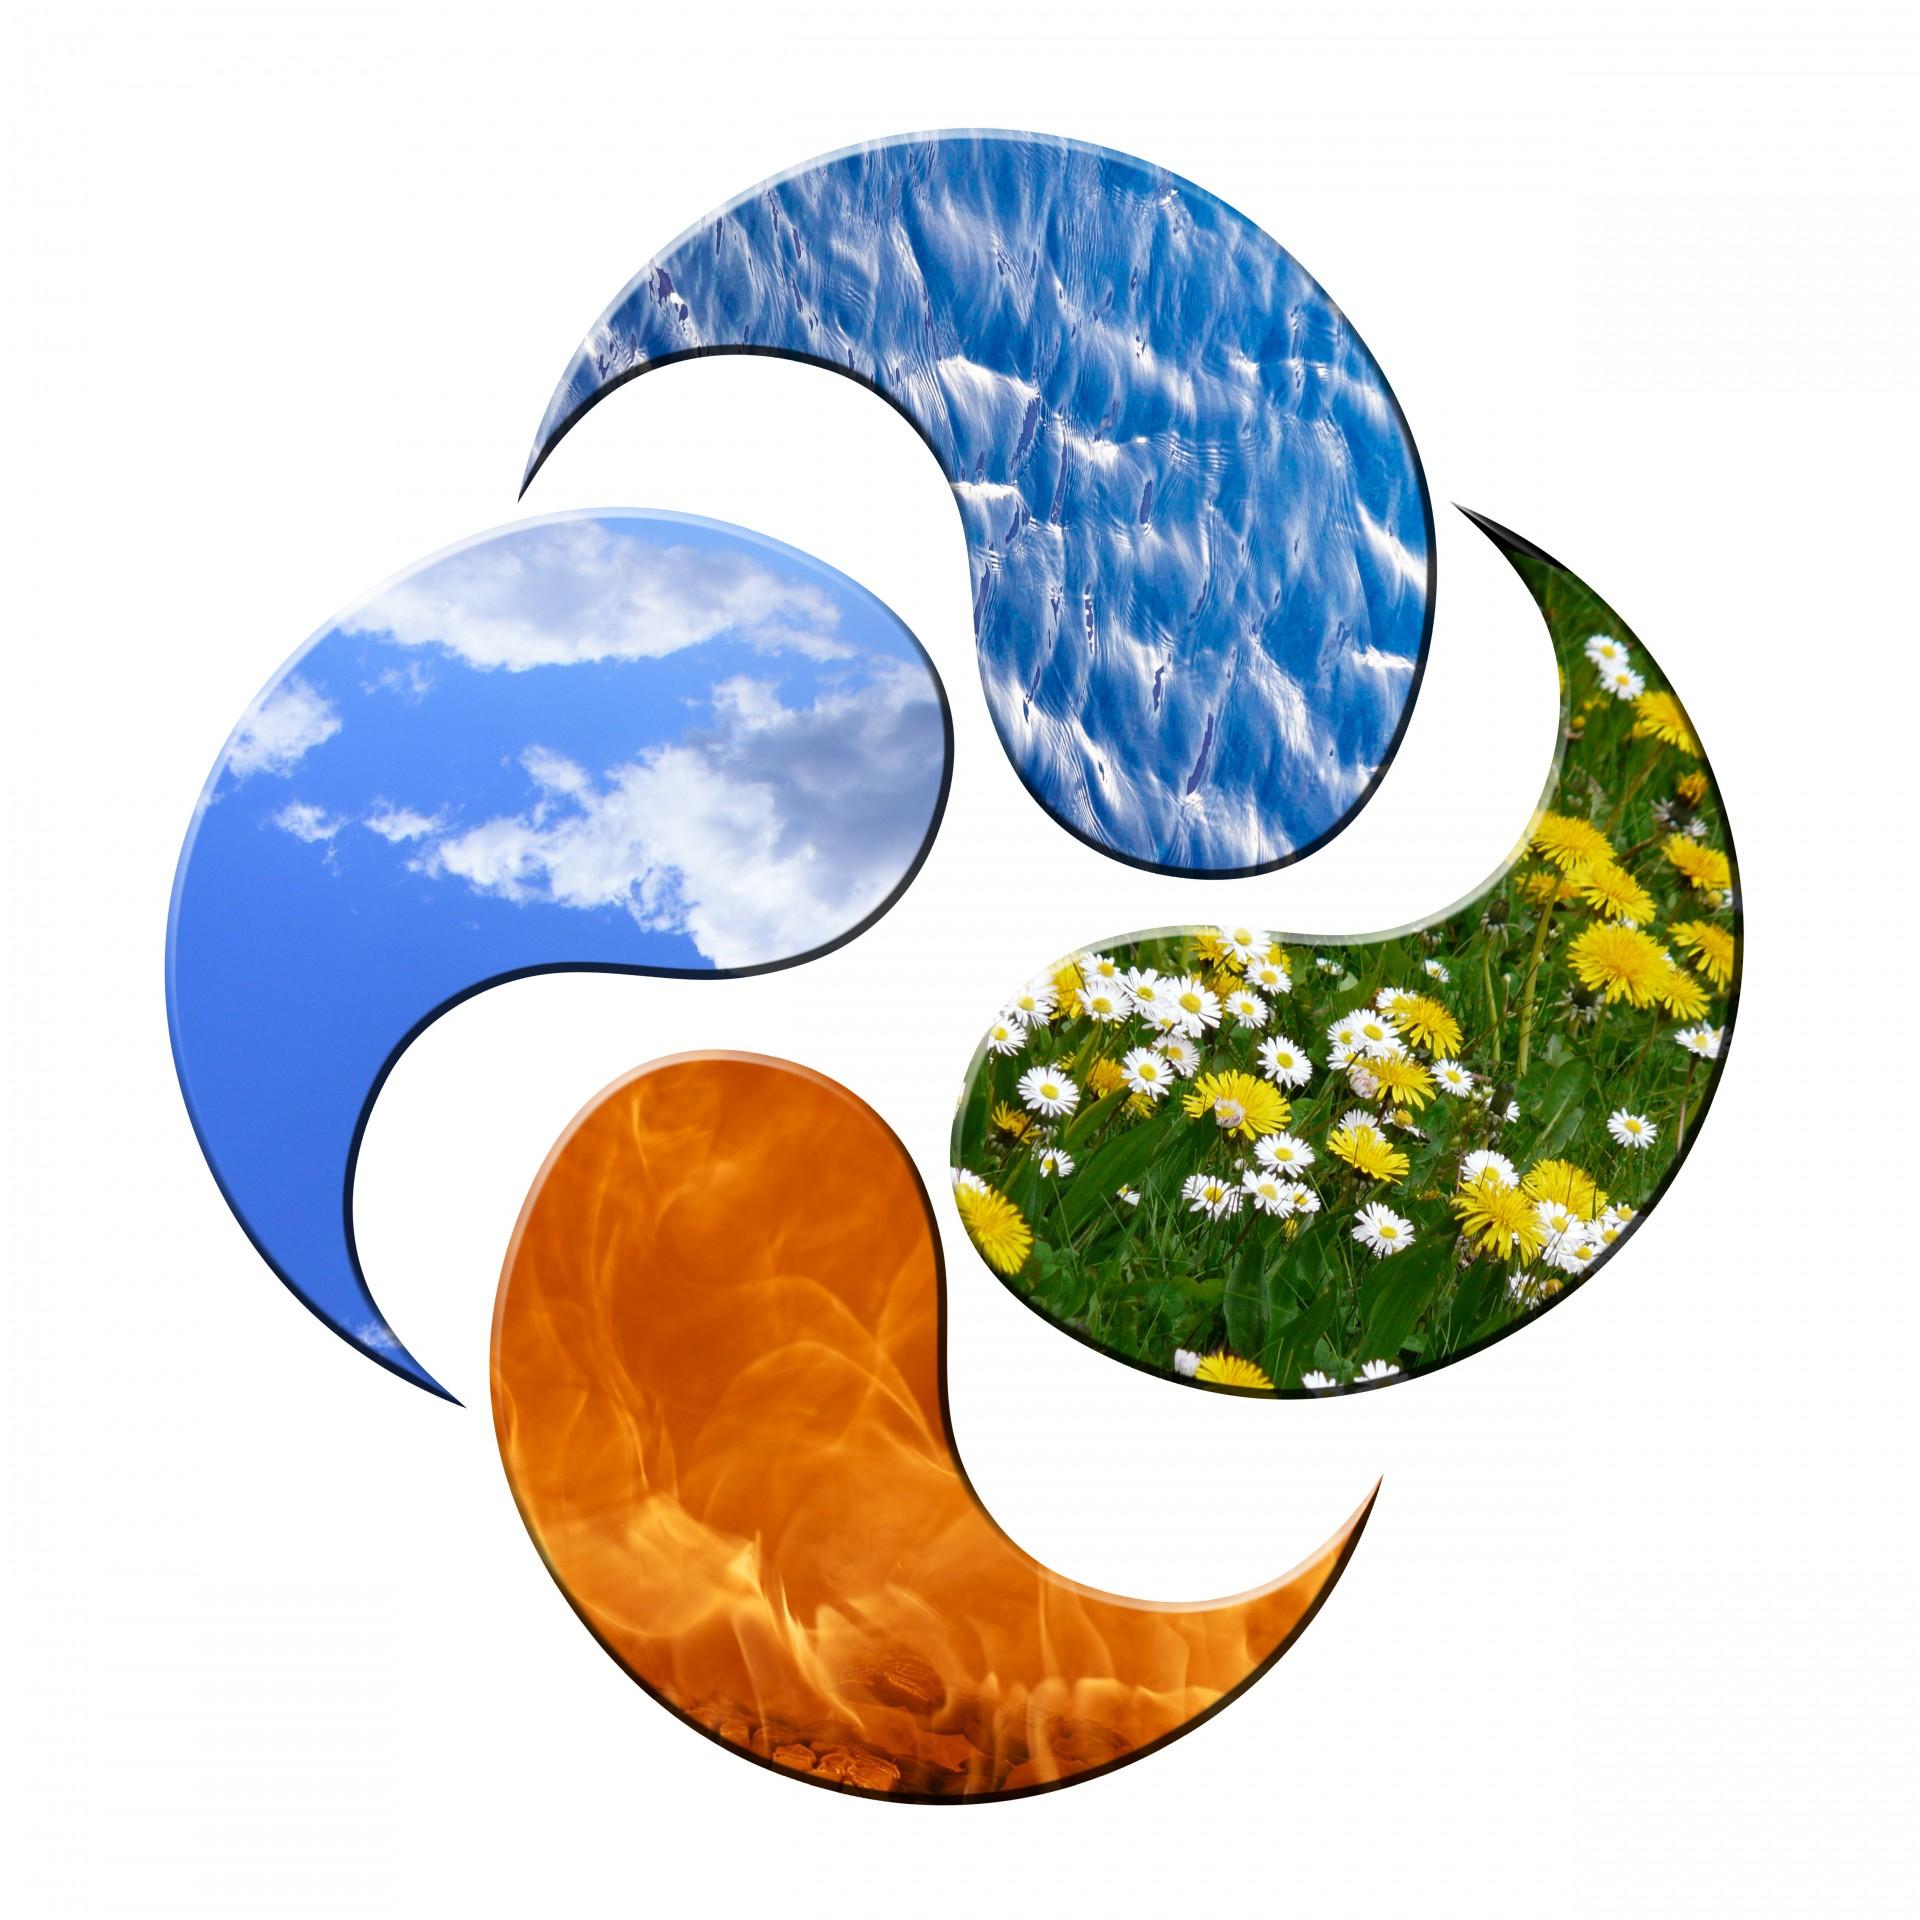 De 4 elementen